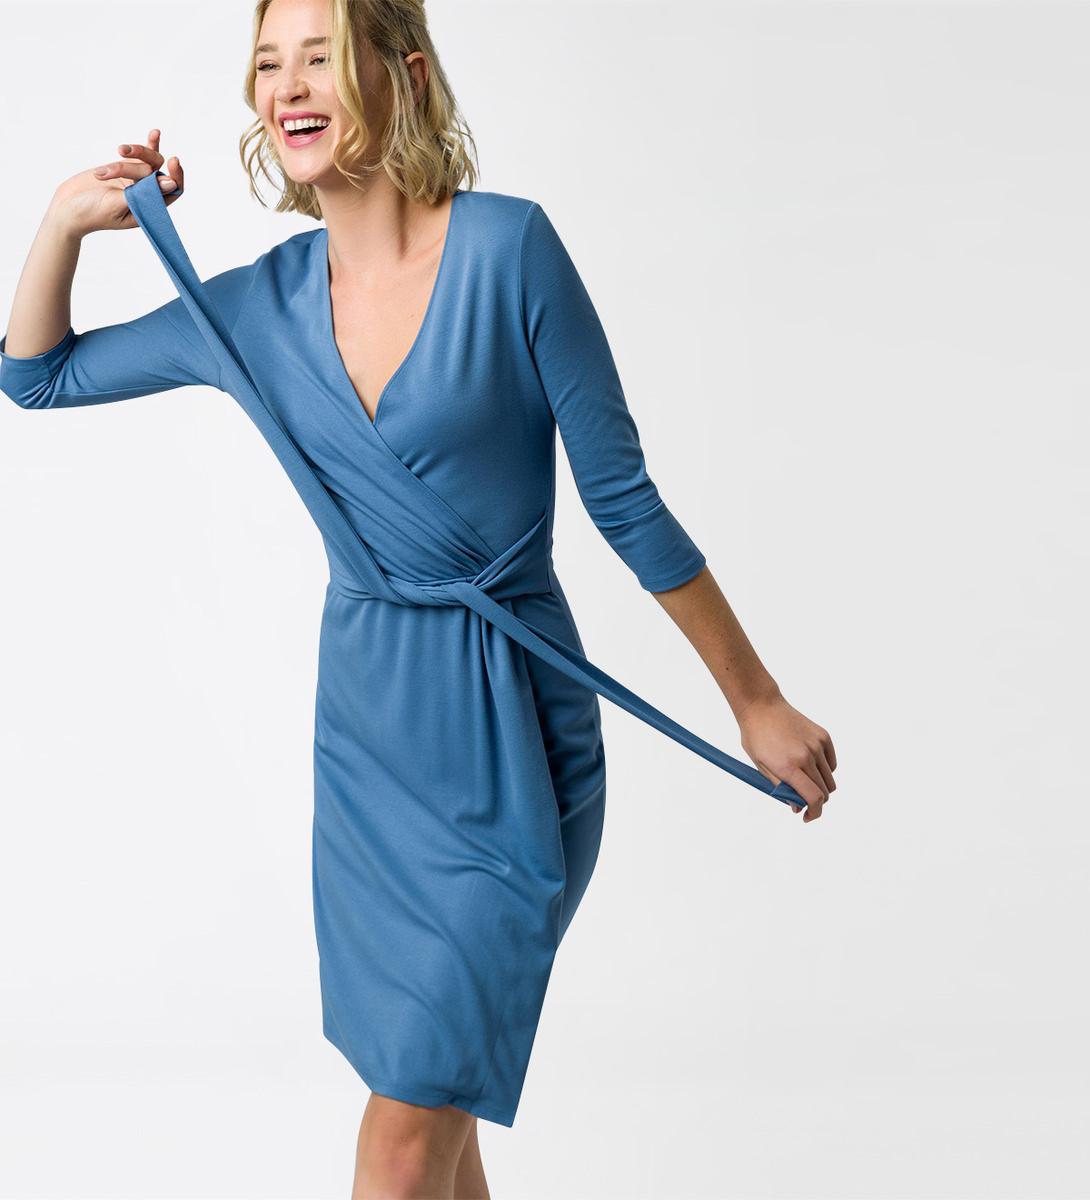 Kleid im Wickel-Look in water blue